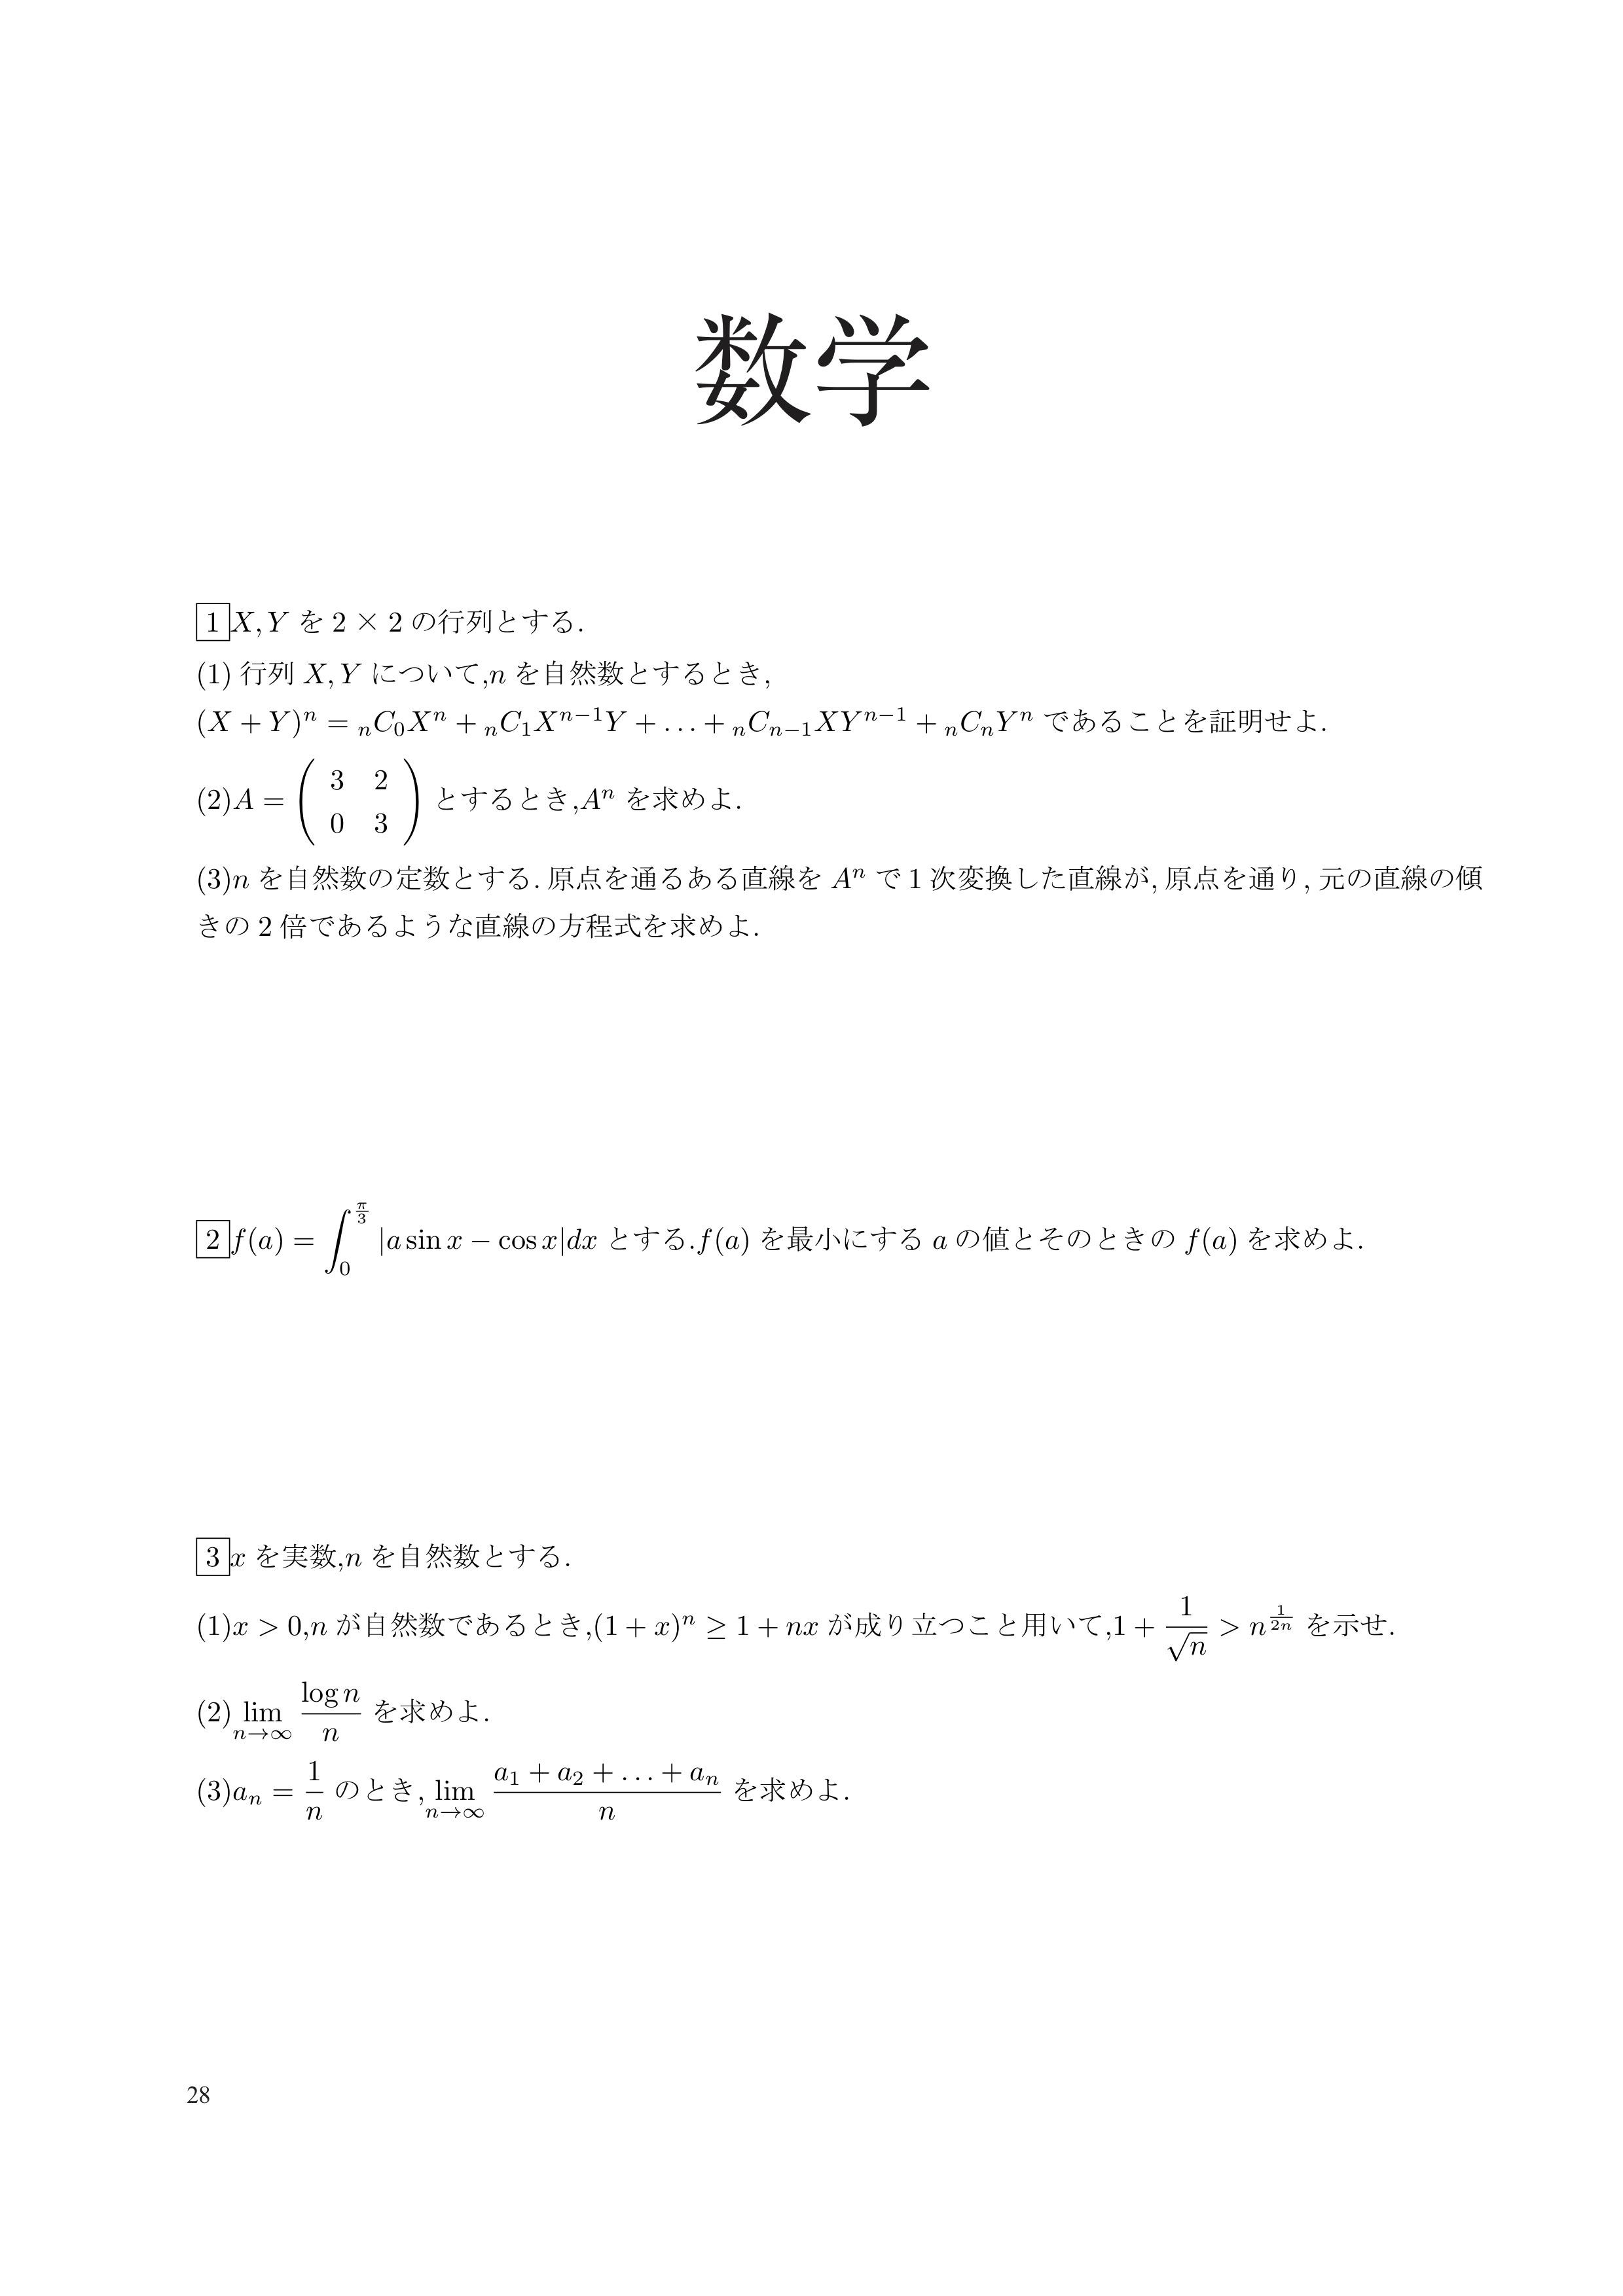 数学面白い問題